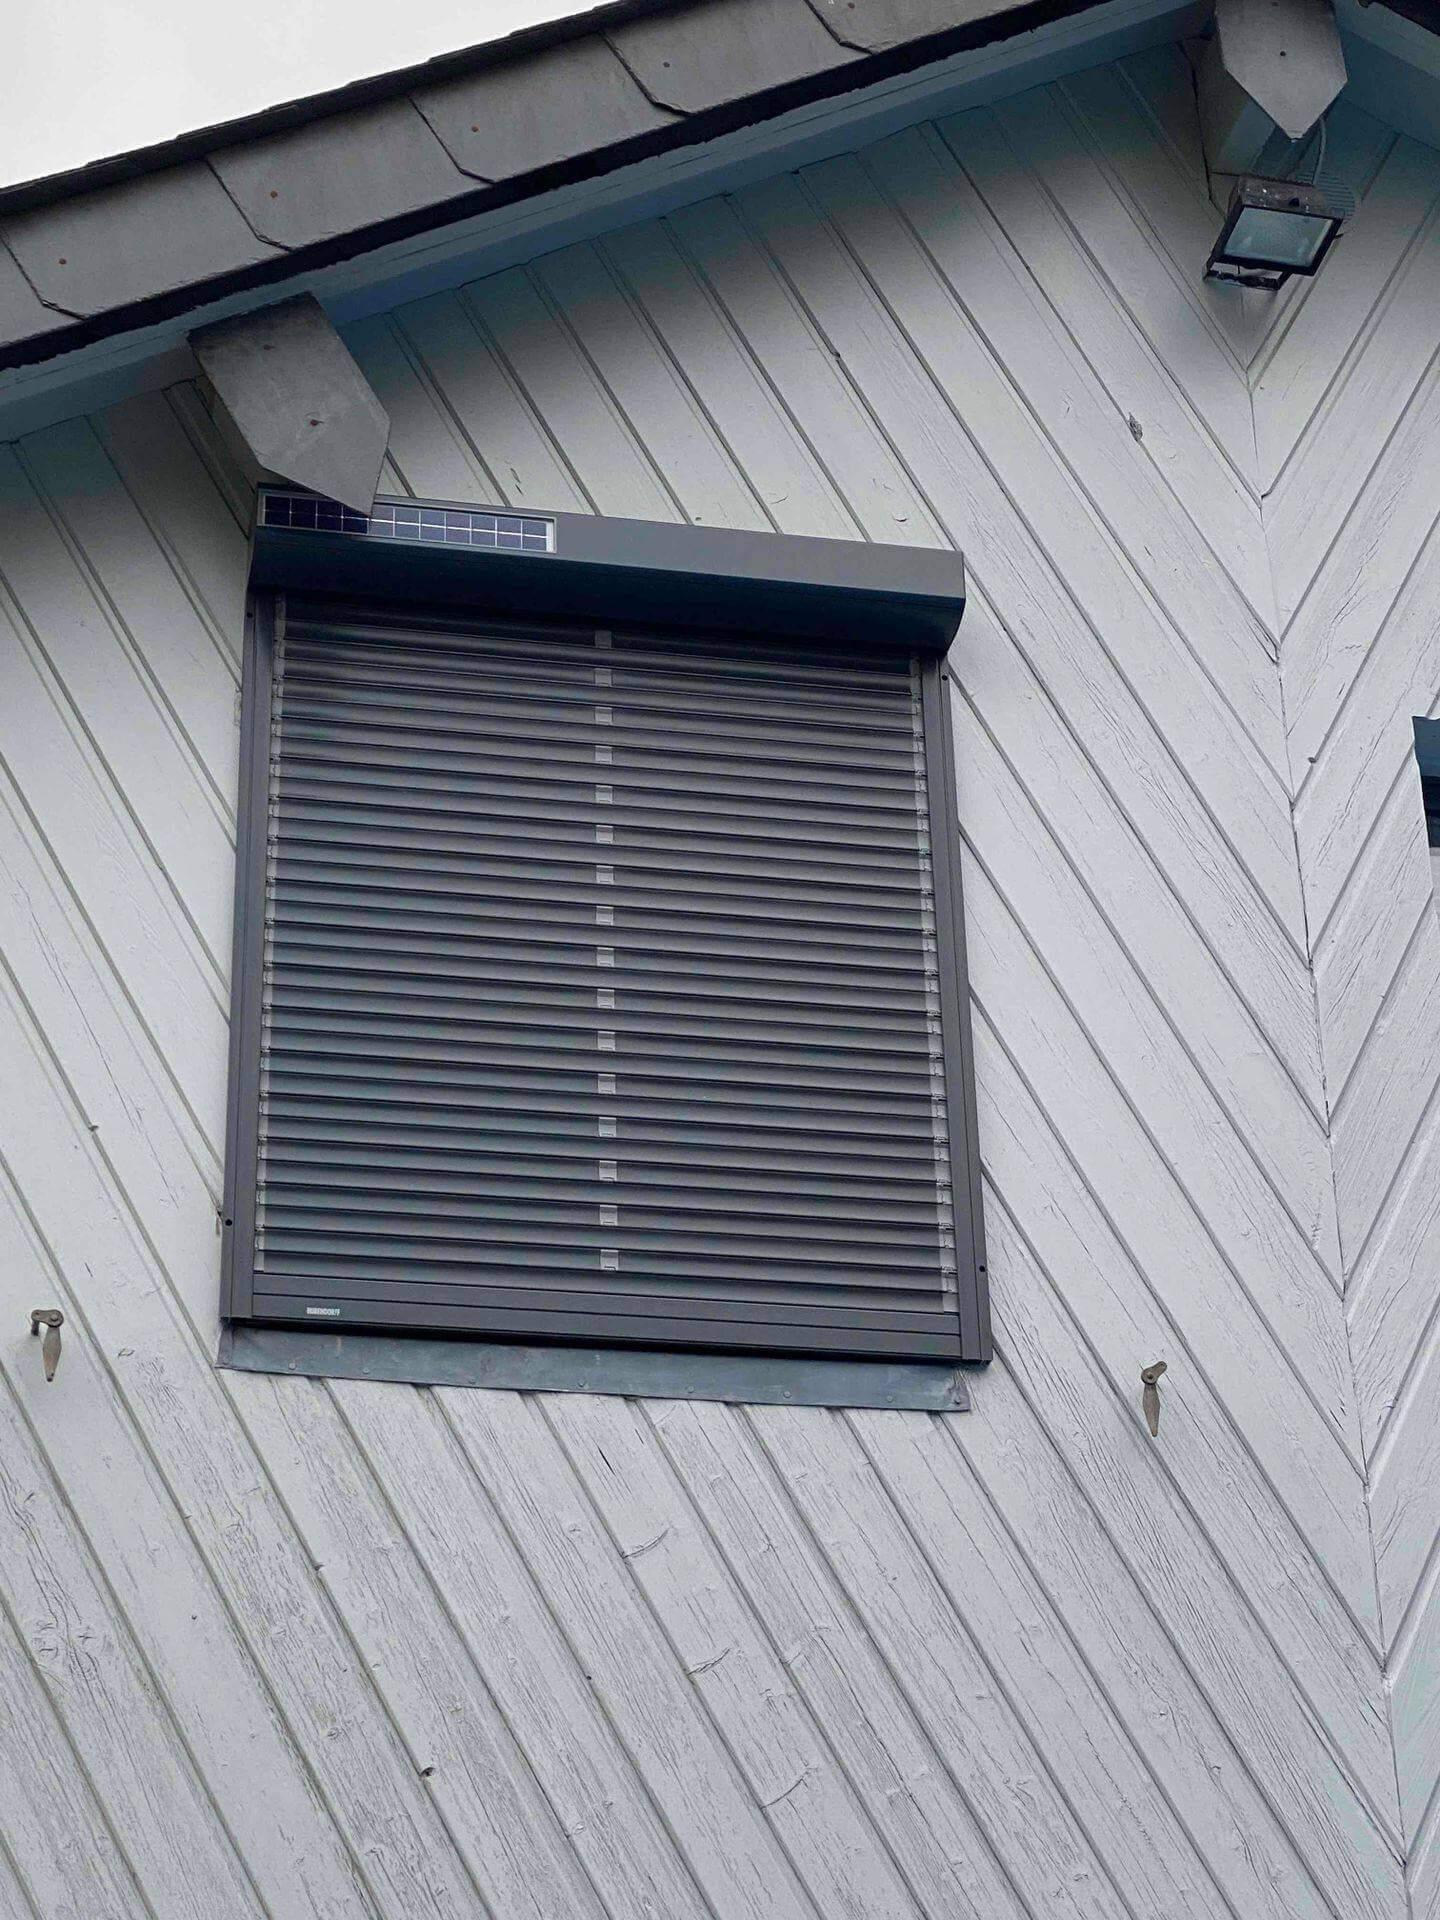 installateur de Volet roulant solaire lames orientables près de chez moi, en Normandie, Bretagne ou Ile de France